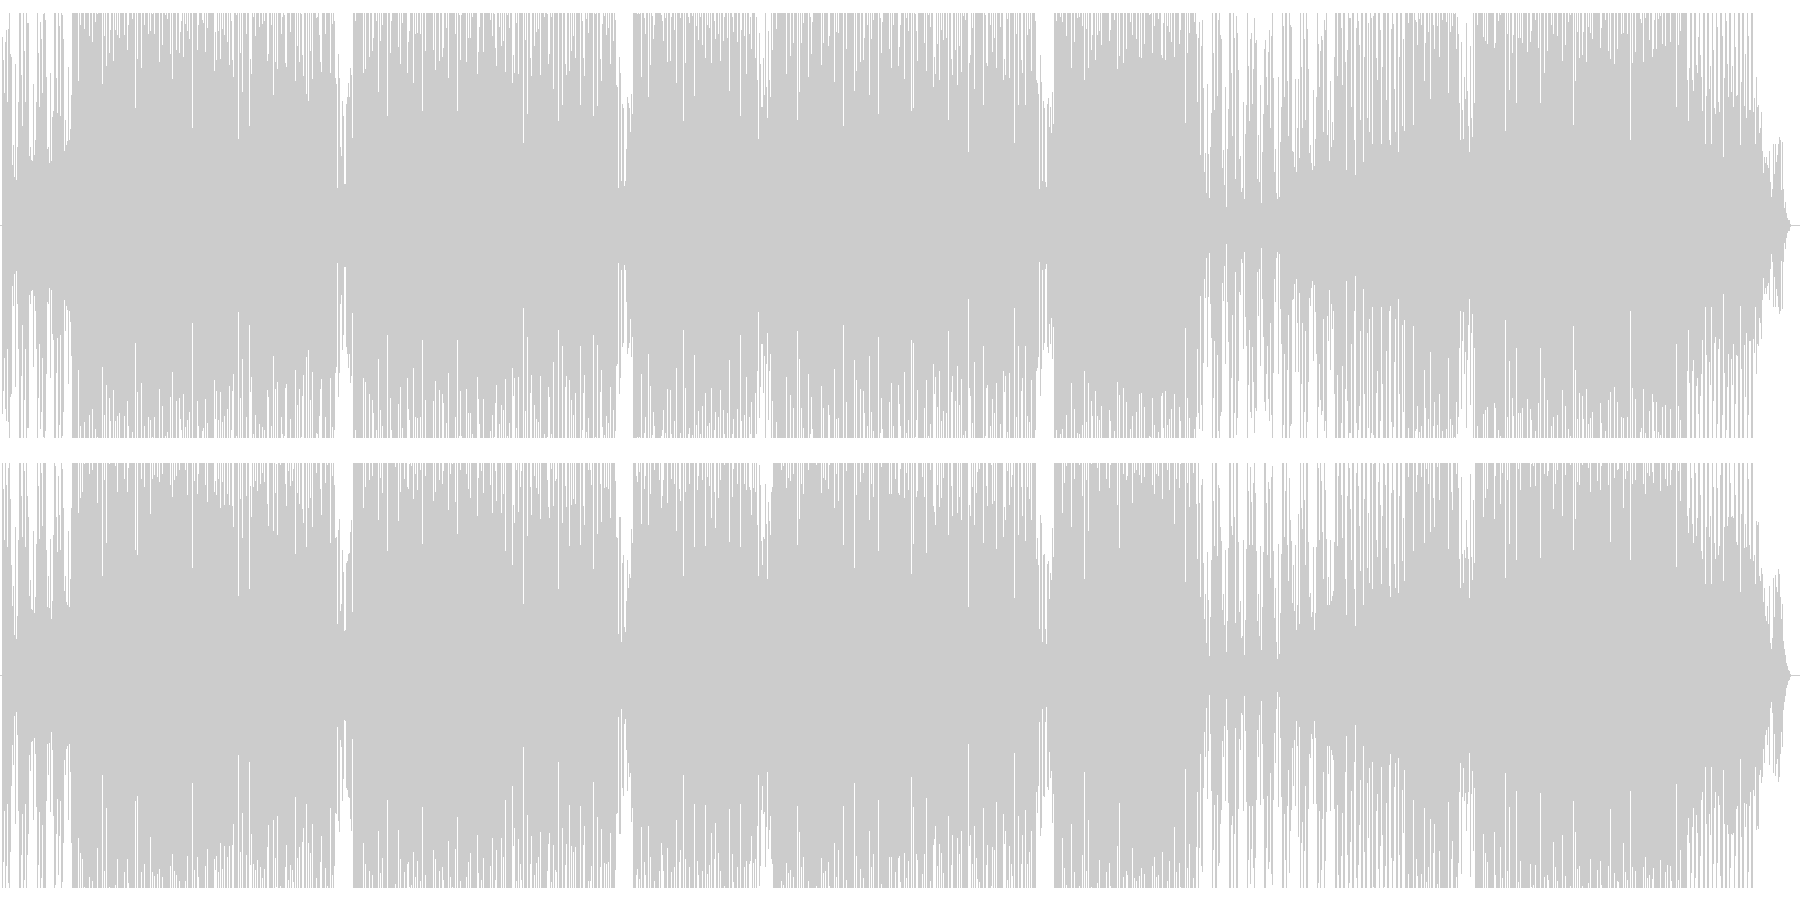 リズミカルなファンキートラックの未再生の波形